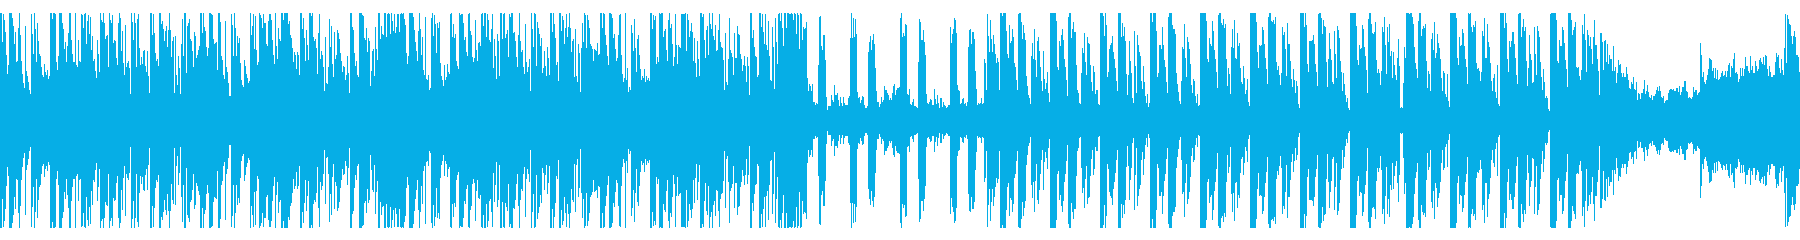 工場や発電所をイメージしたゲームBGMの再生済みの波形